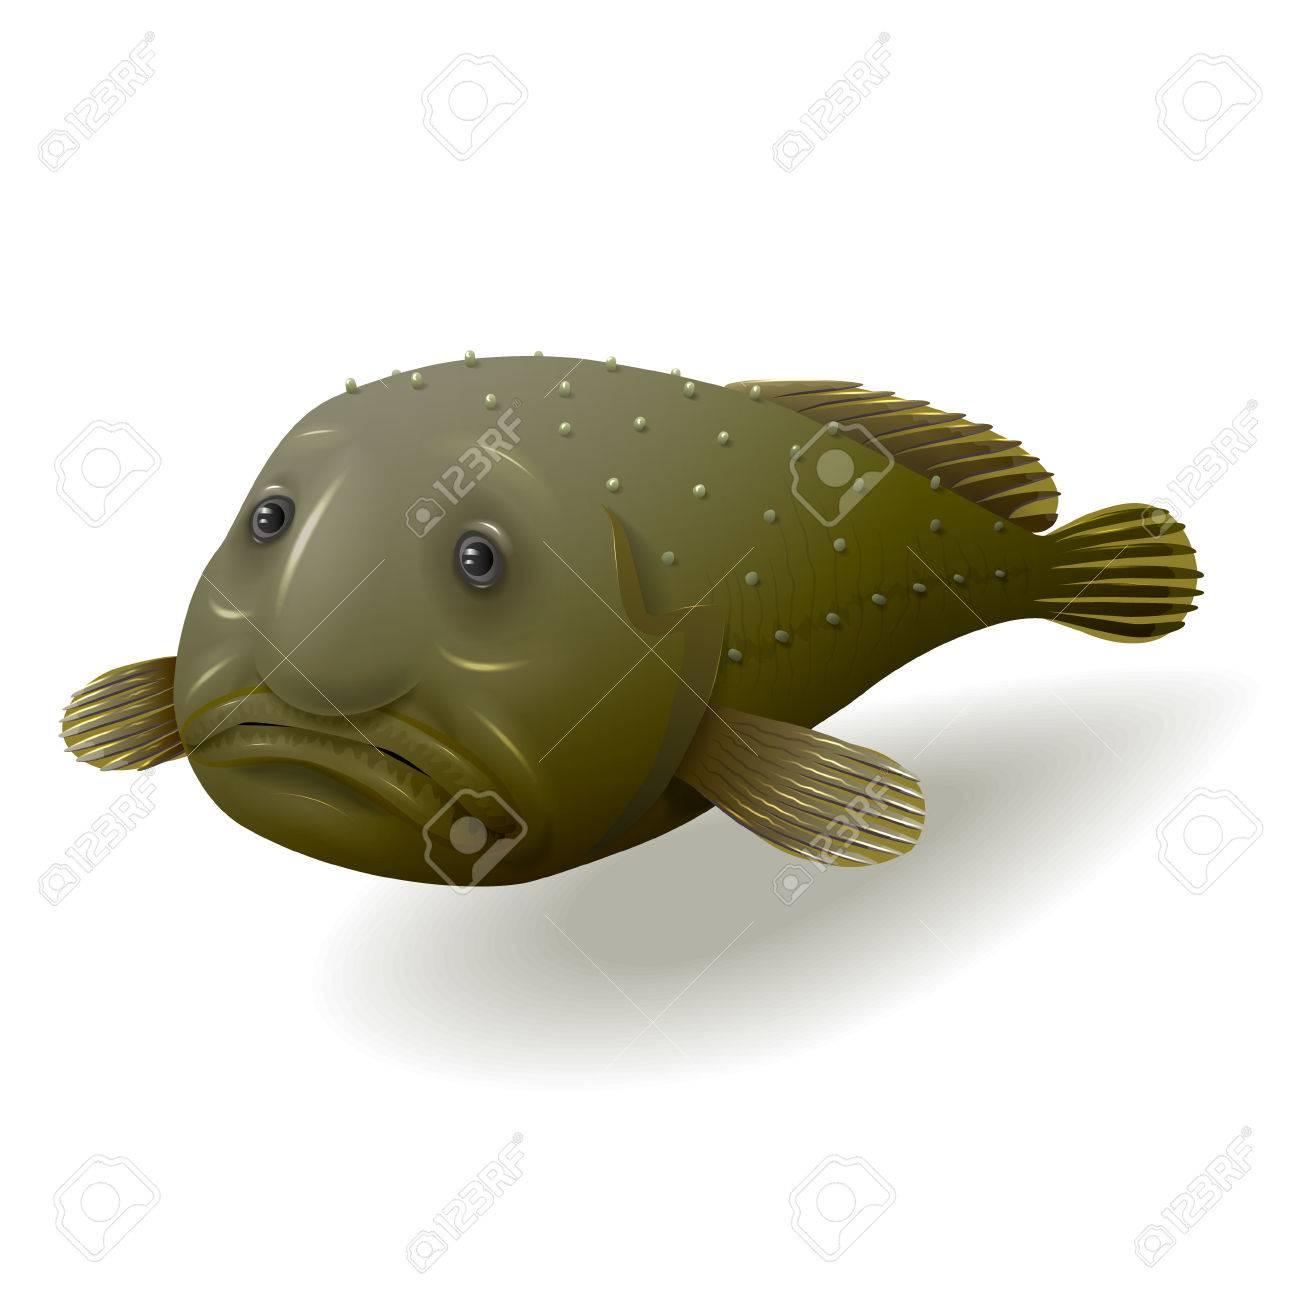 fisch blob